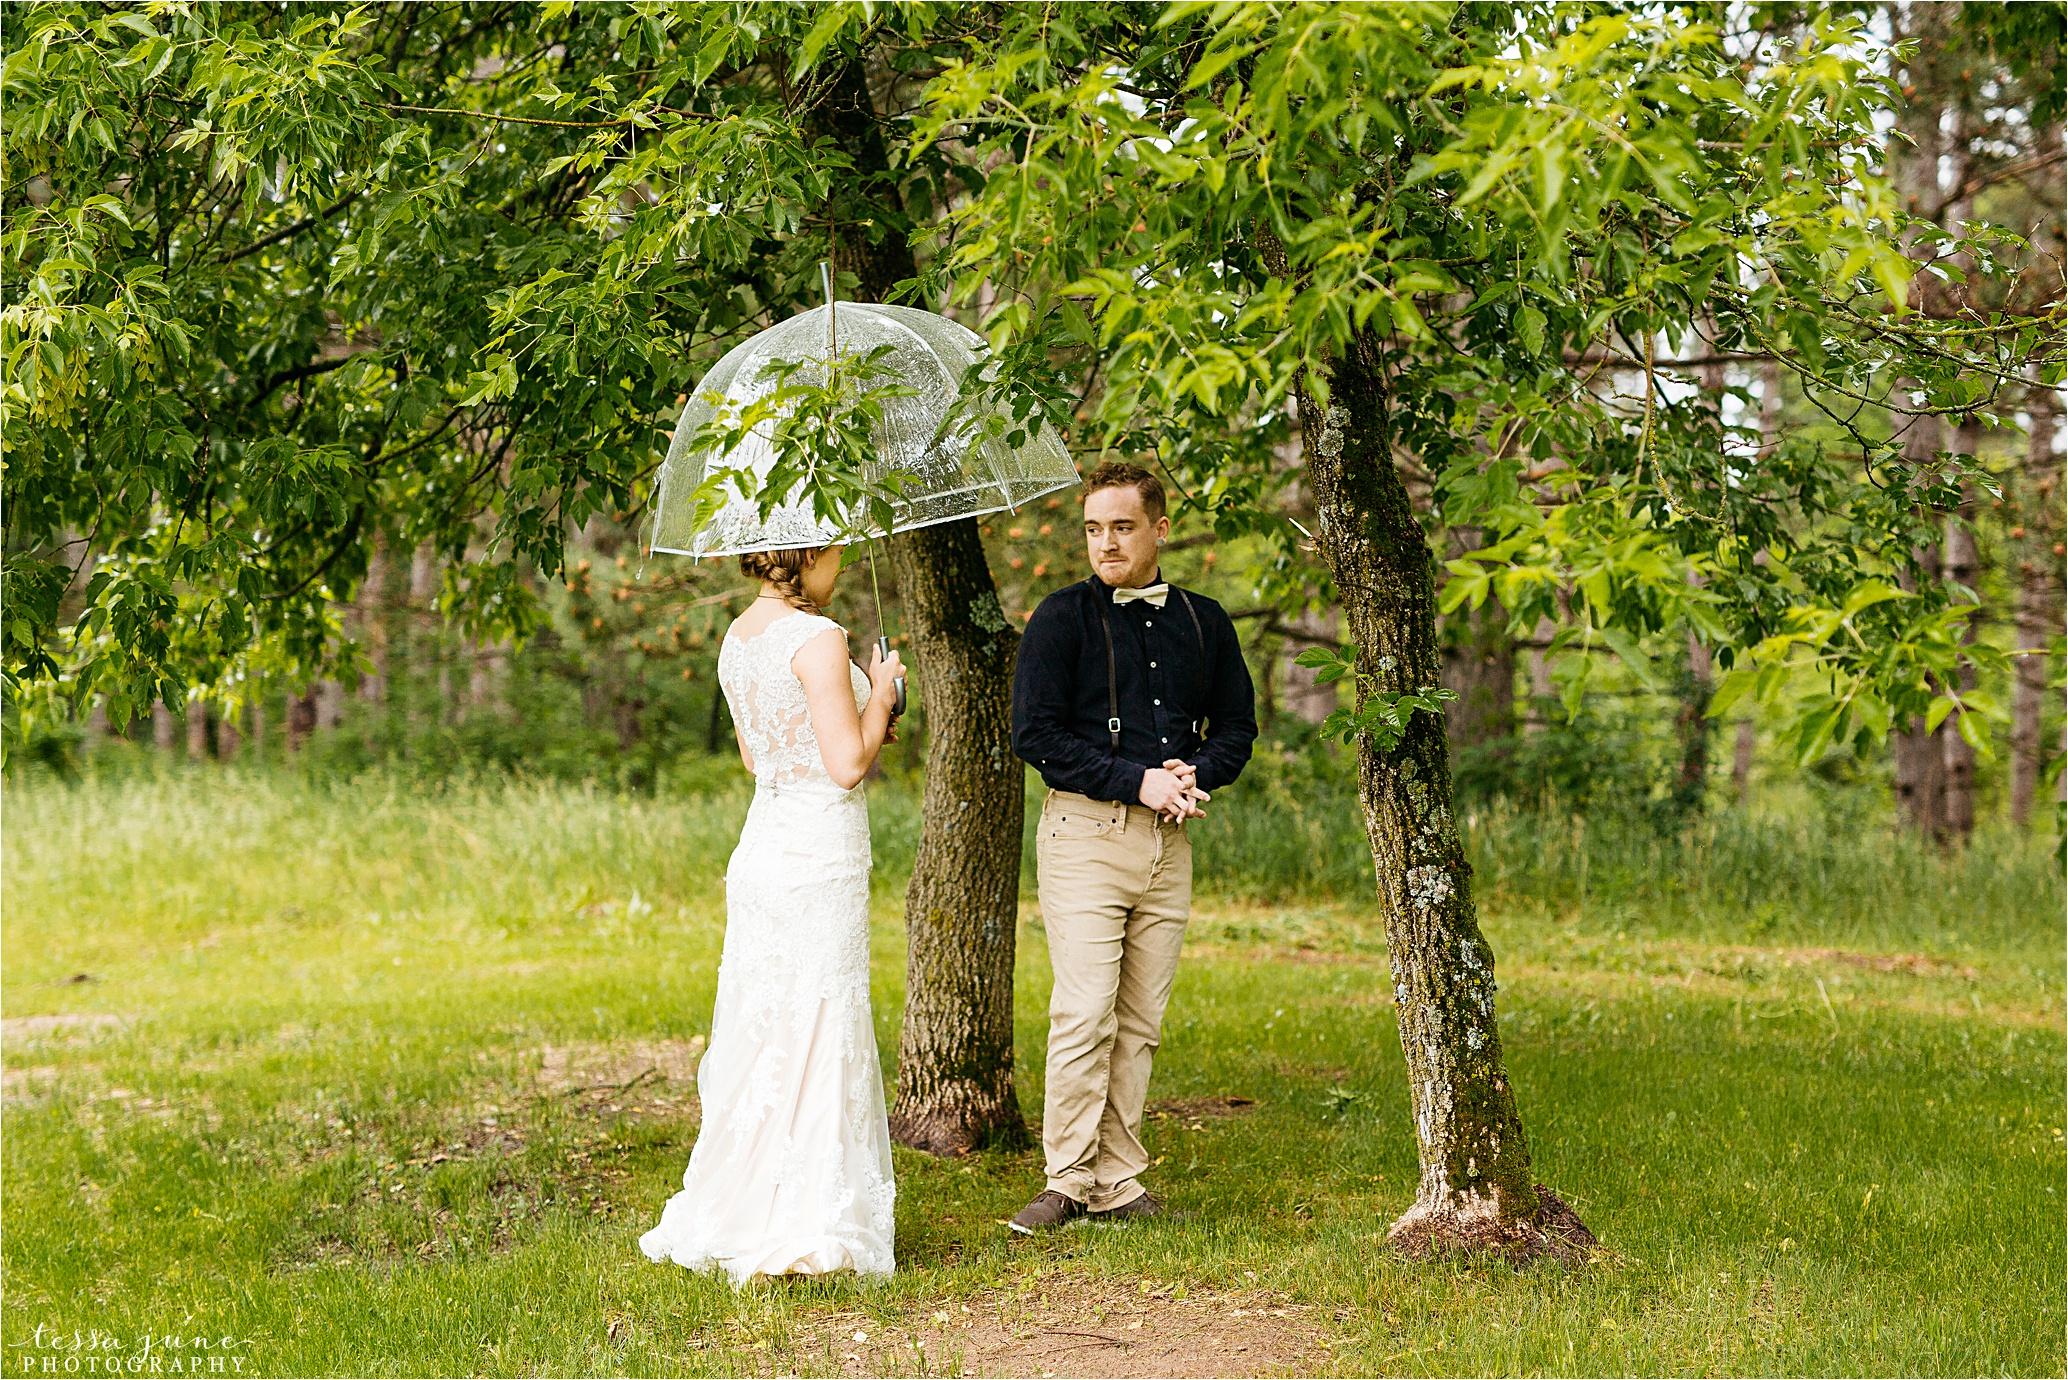 bohemian-forest-wedding-stillwater-minnesota-flower-crown-st-cloud-photographer-rain-first-look